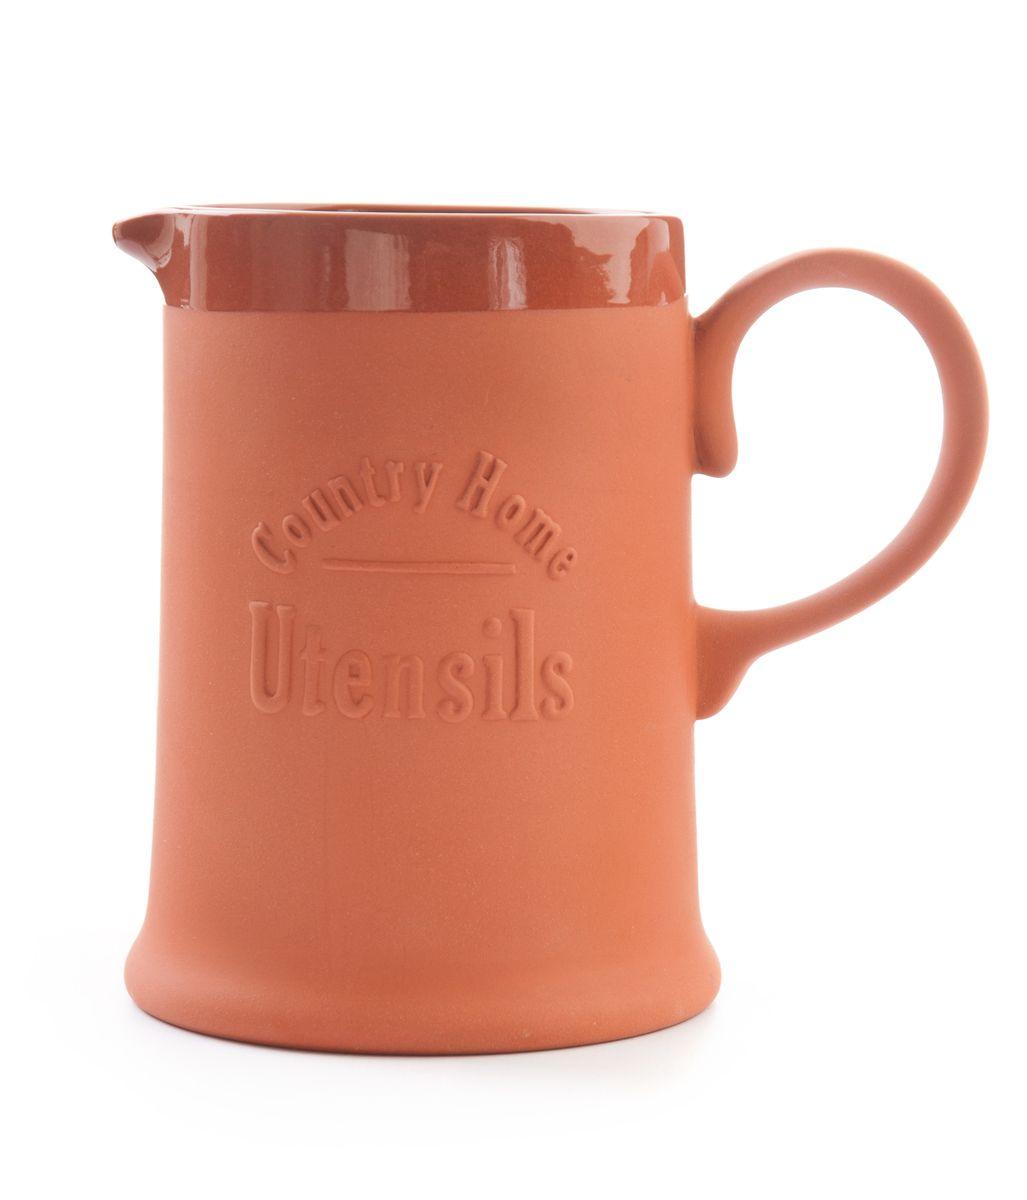 Терракота (посуда из глины) - емкость для хранения. PC4903069PC4903069Емкость для хранения из коллекции Терракота.Порадуйте себя и своих близких изысканным Английским дизайном.